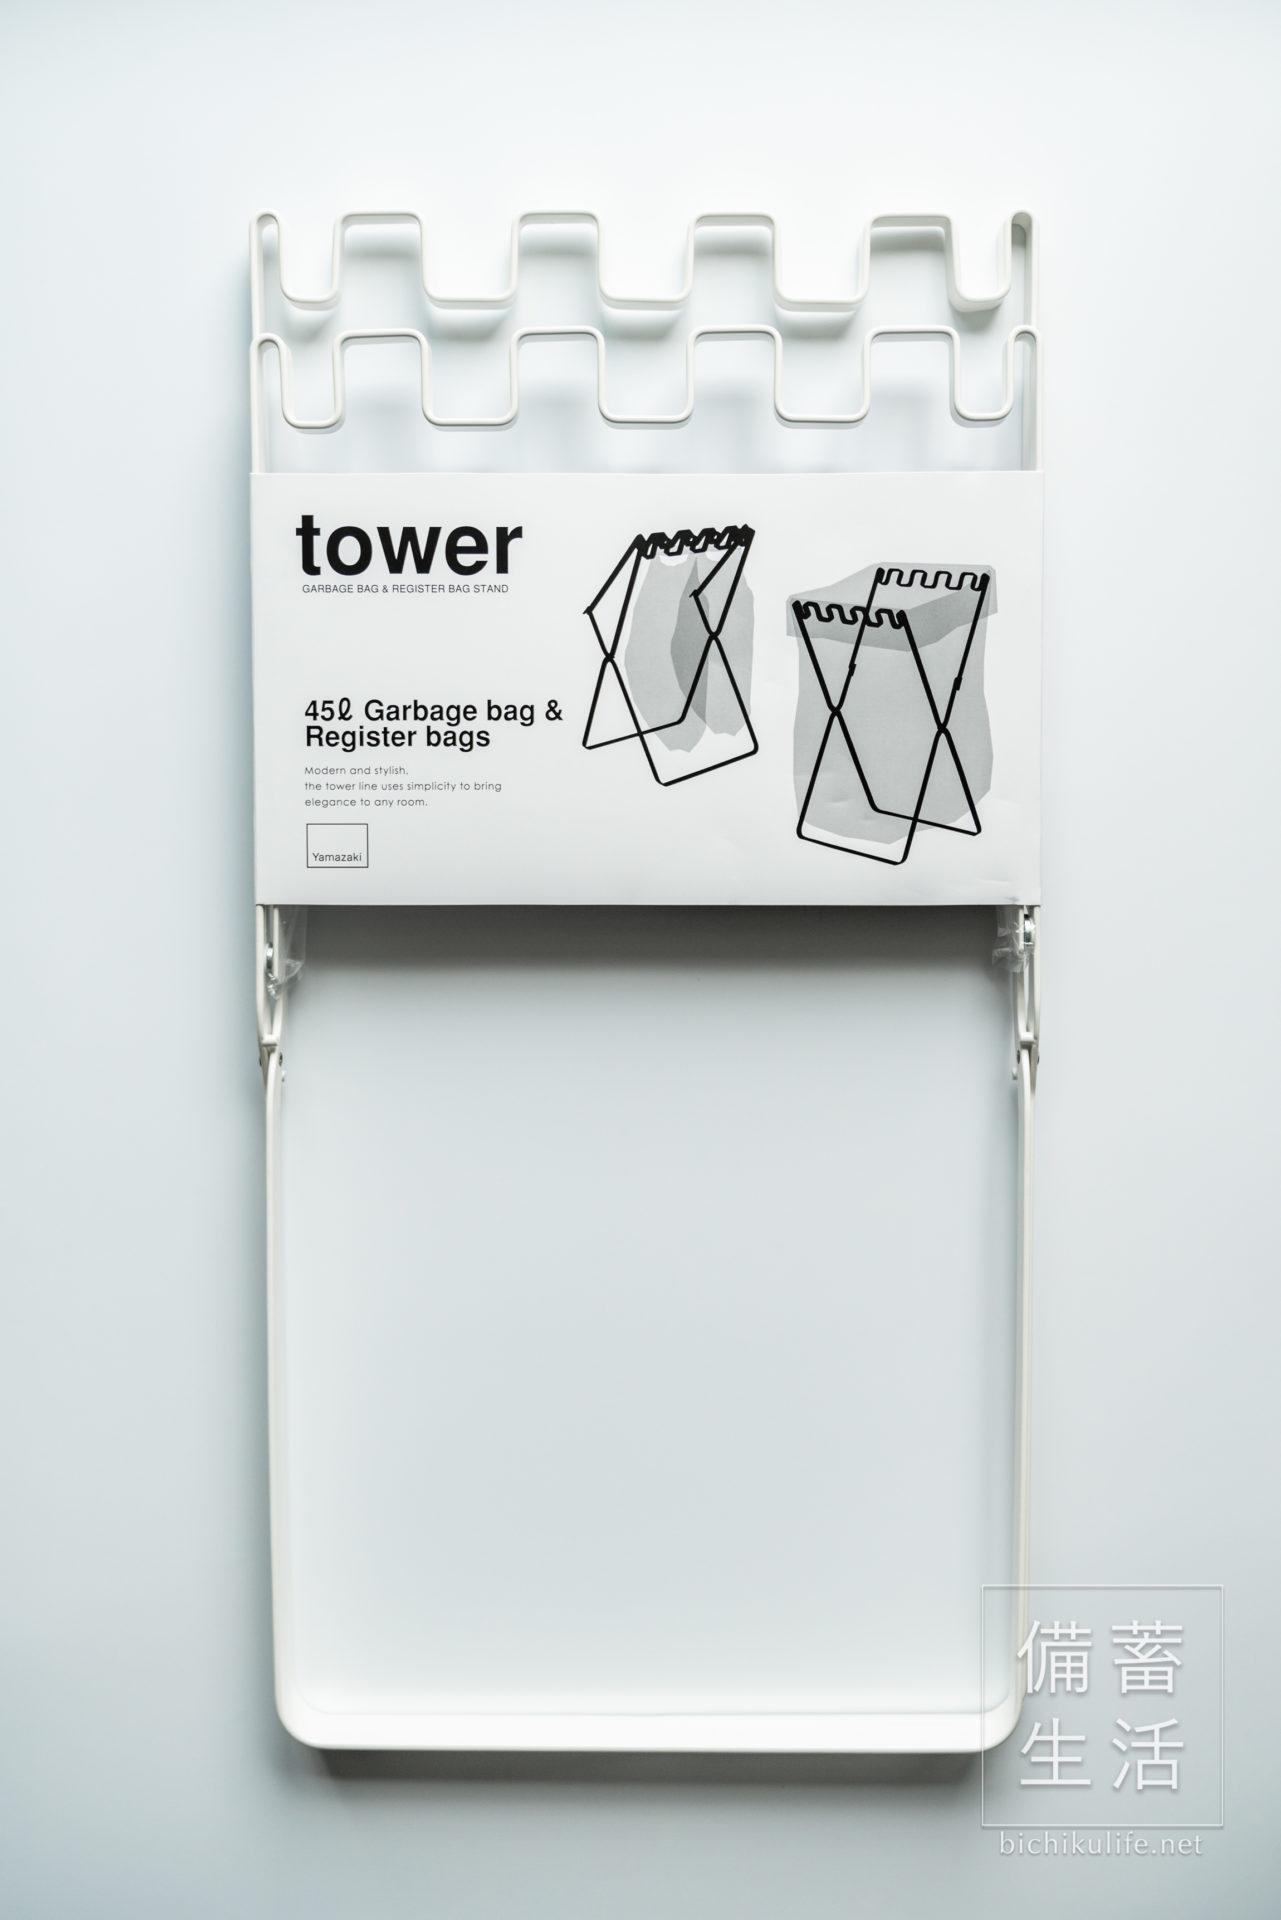 山崎実業 ごみ袋&レジ袋スタンド tower